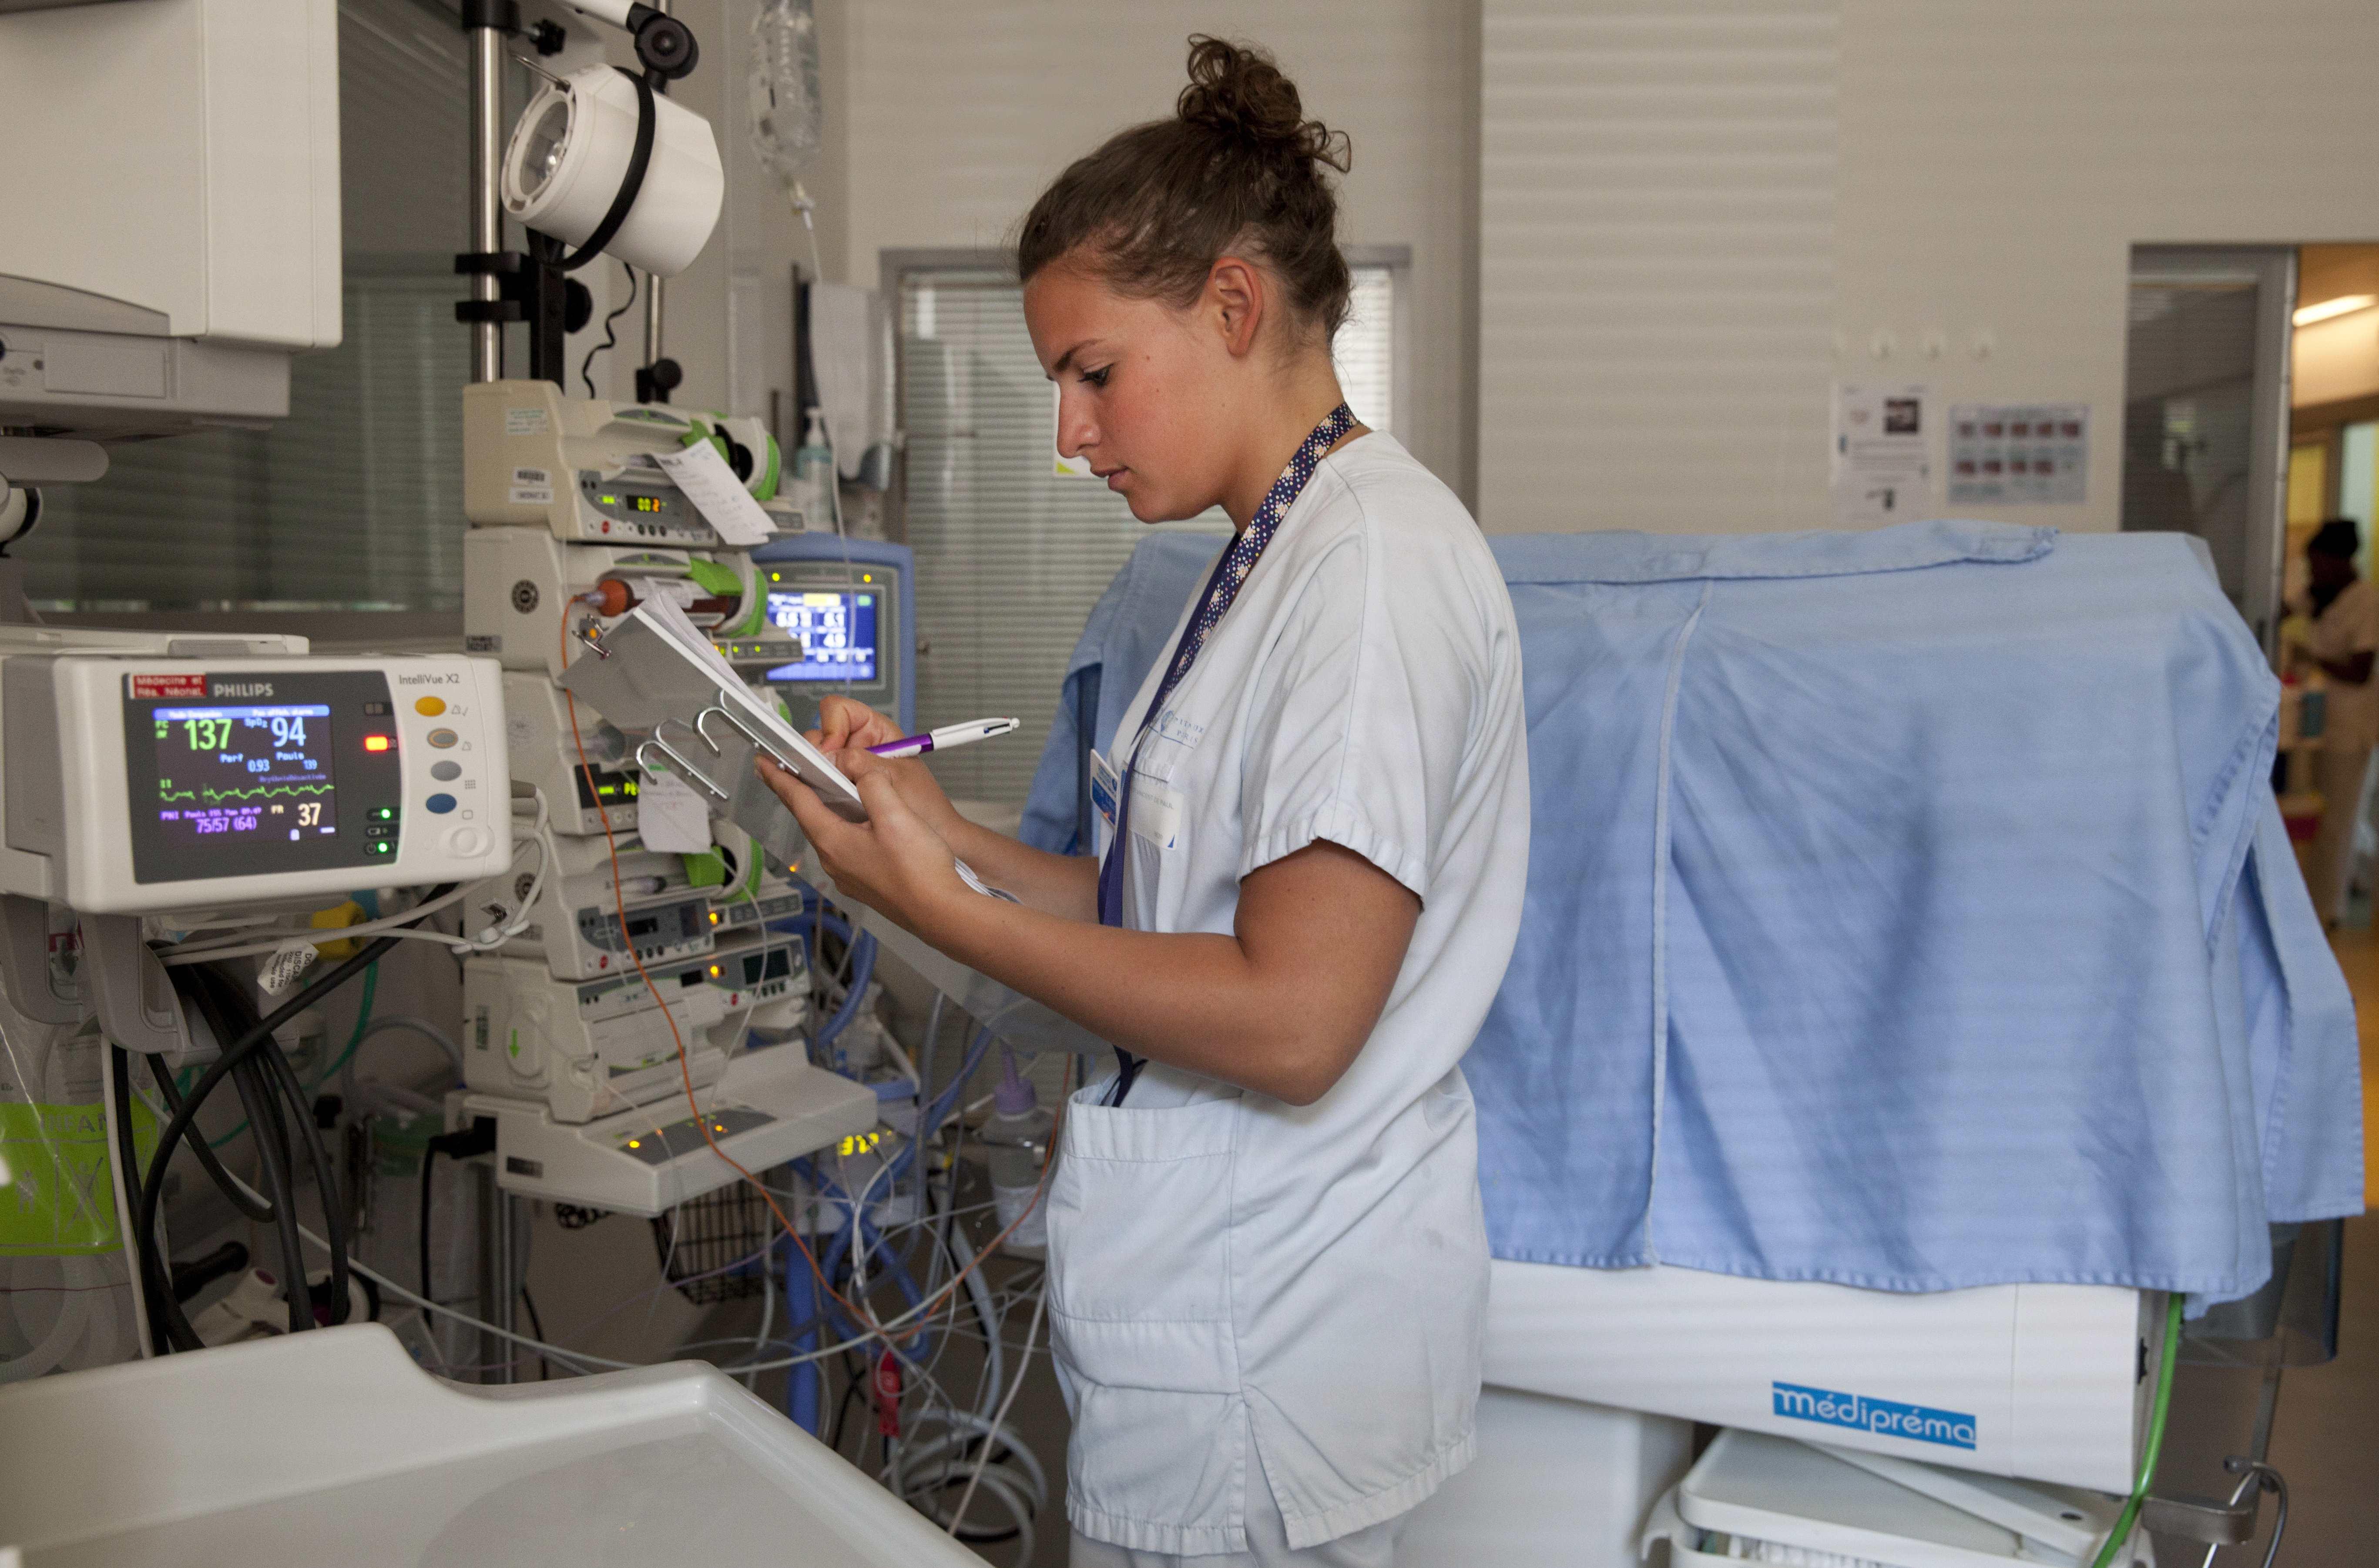 Pr mas aux petits soins dans un cocon for Chambre de soins intensifs en psychiatrie